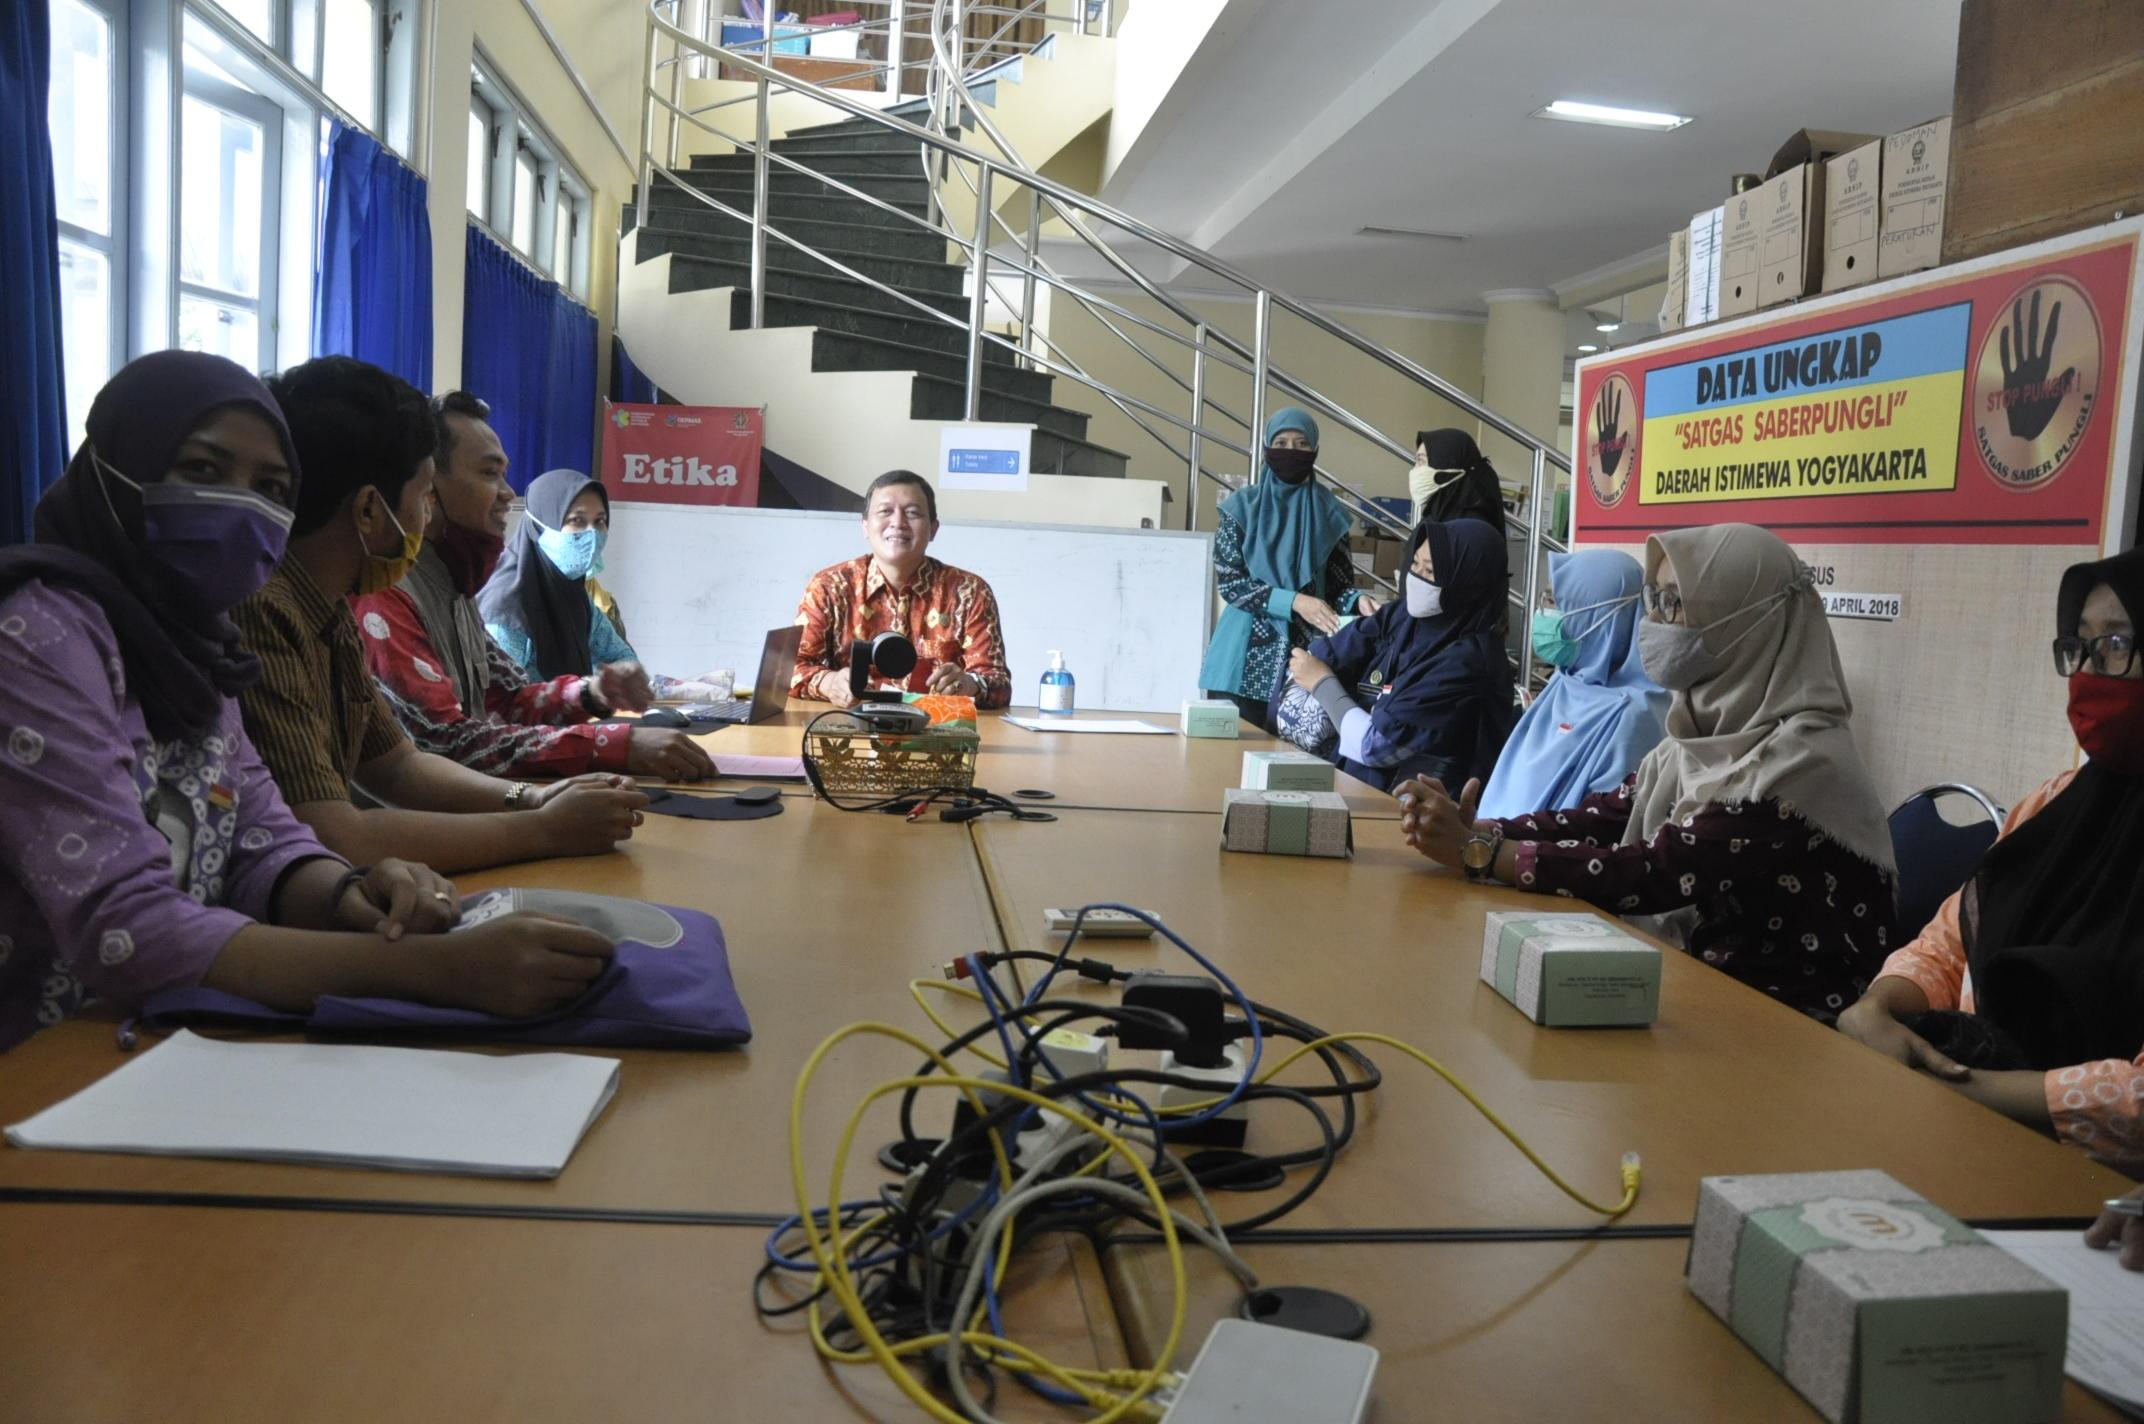 Kunjungan Team Telaah Sejawat Dari Inspektorat Kota Joga